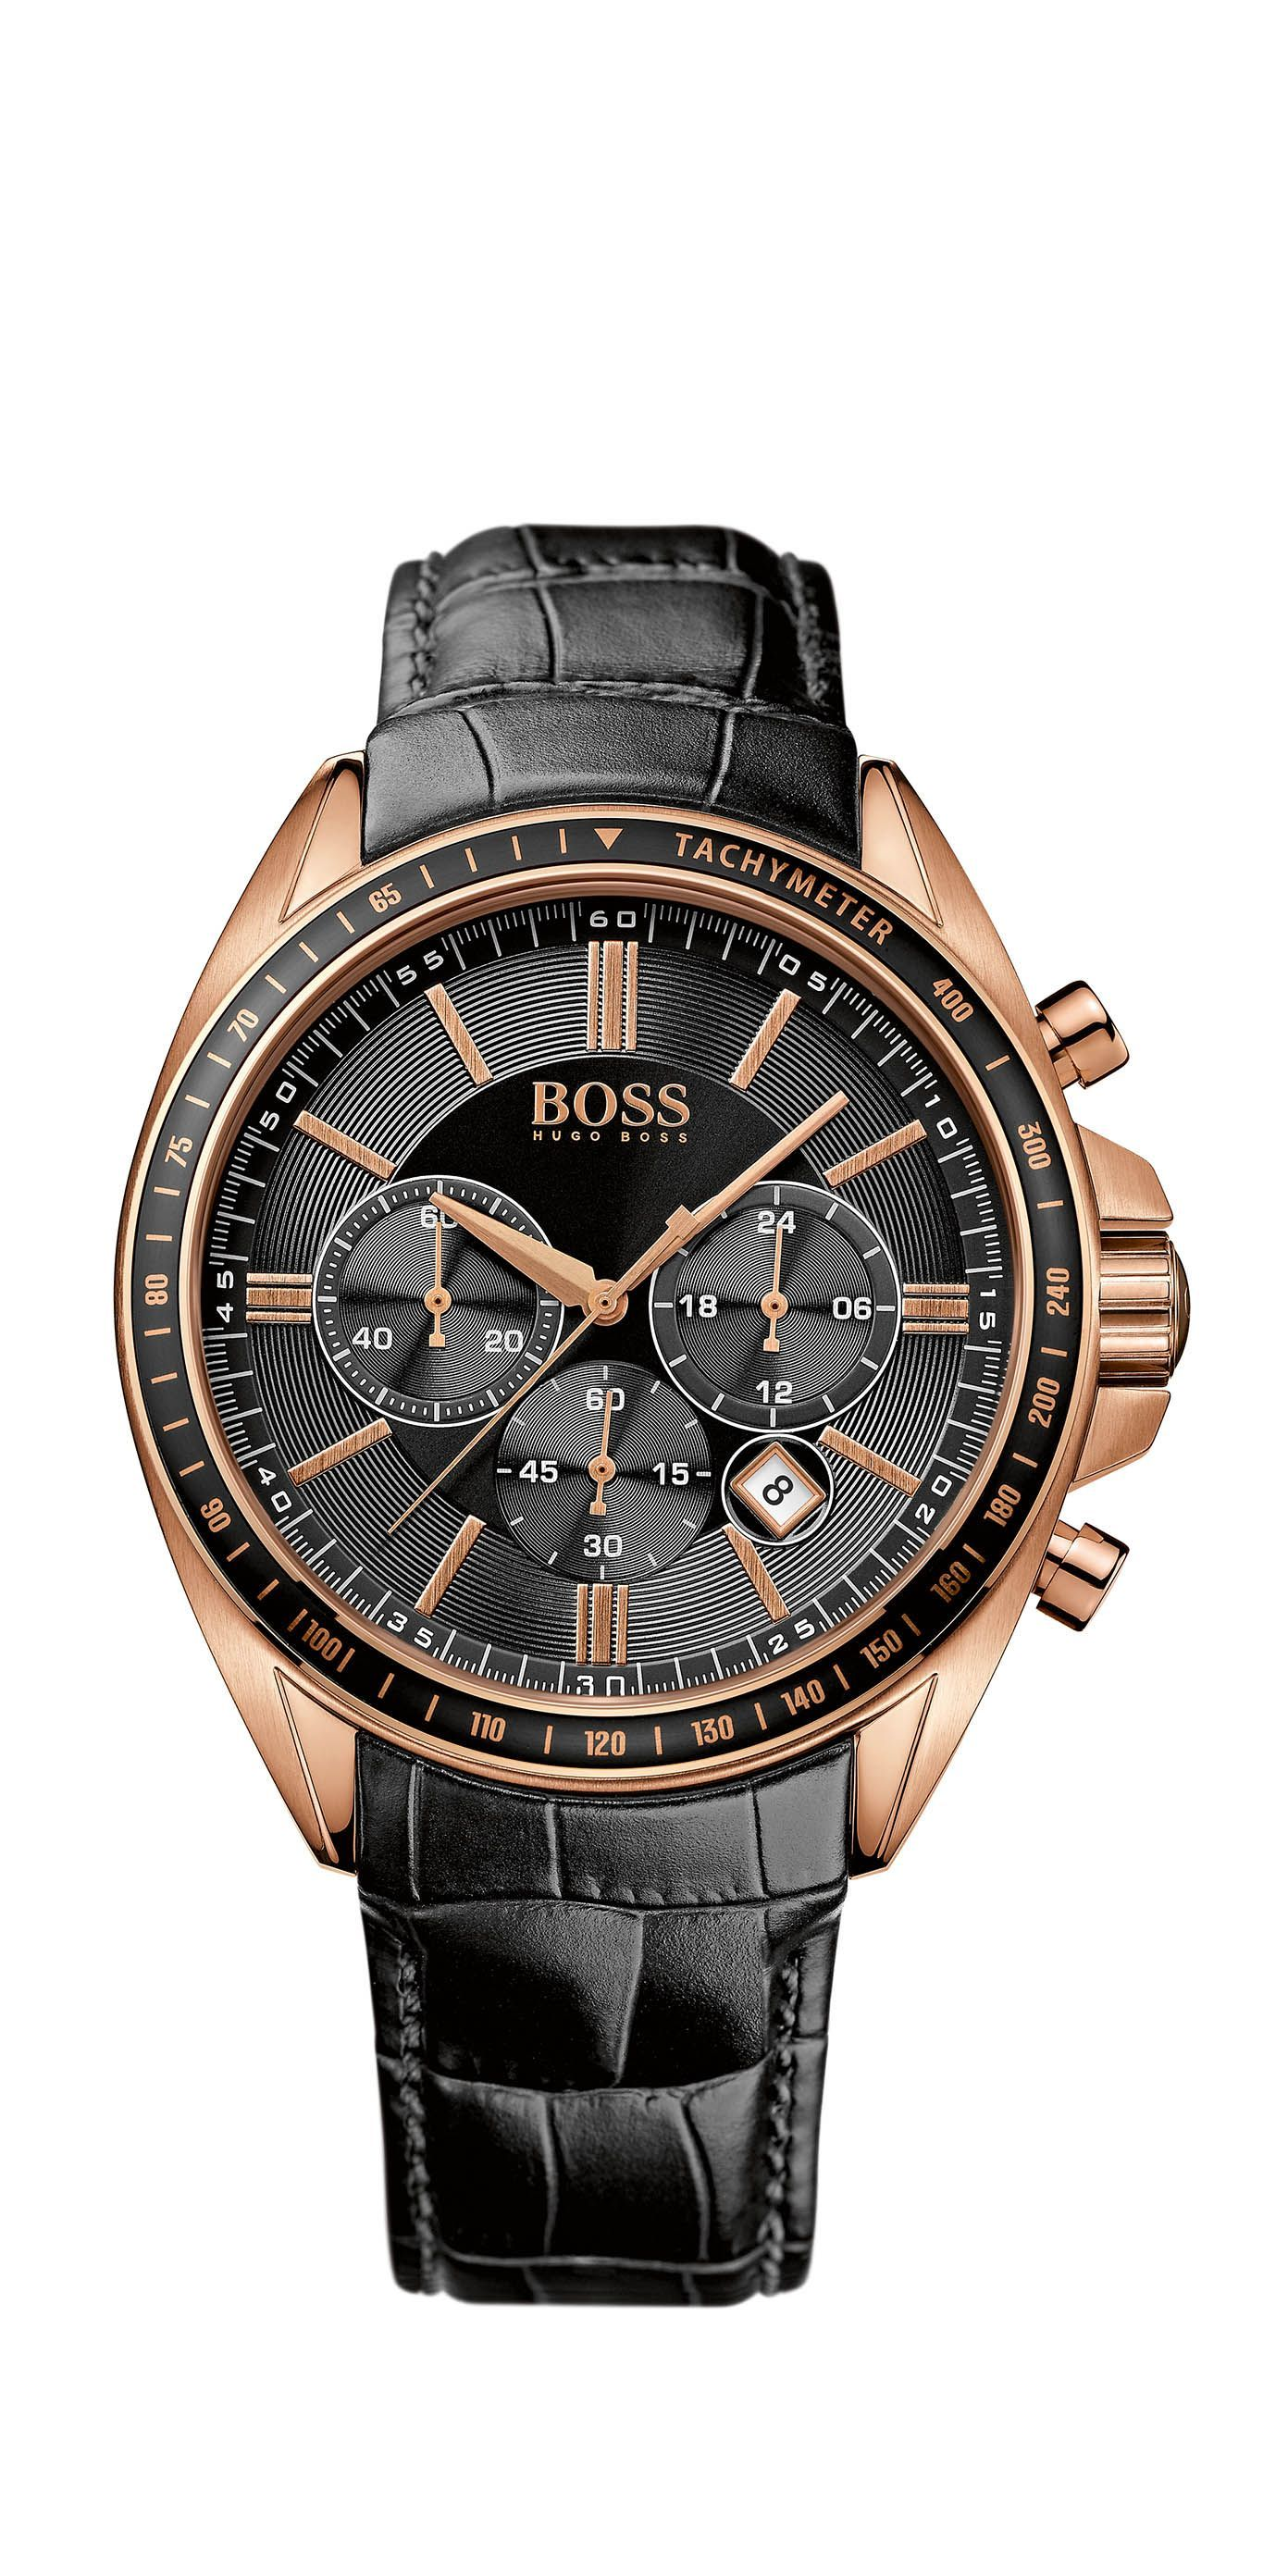 Watches Watchs Pinterest Uhren Uhr Hugo Boss Und Uhren Herren